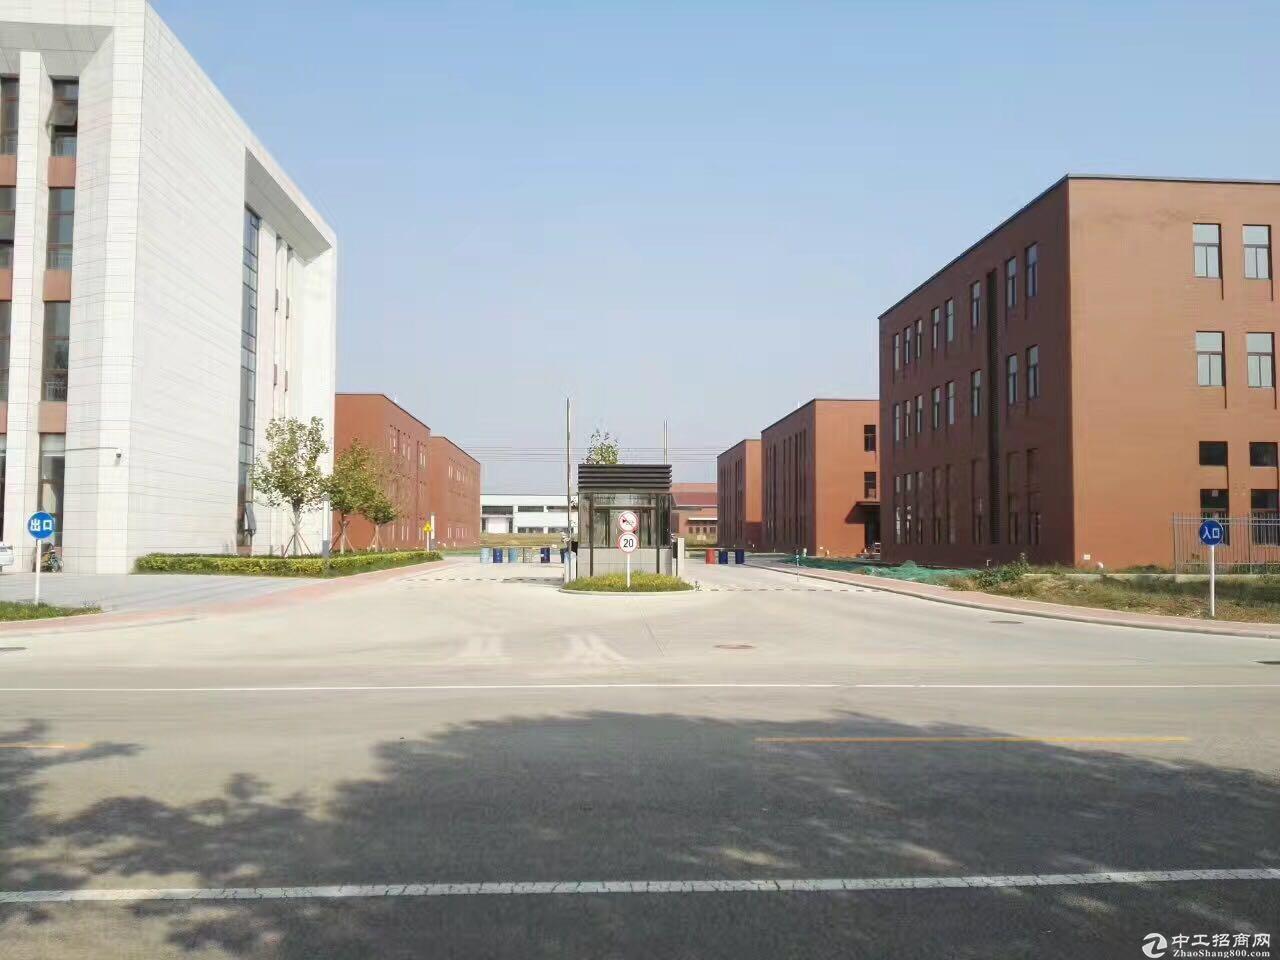 北京中关村科技园生物医药器械机械制造专业产业园图片2